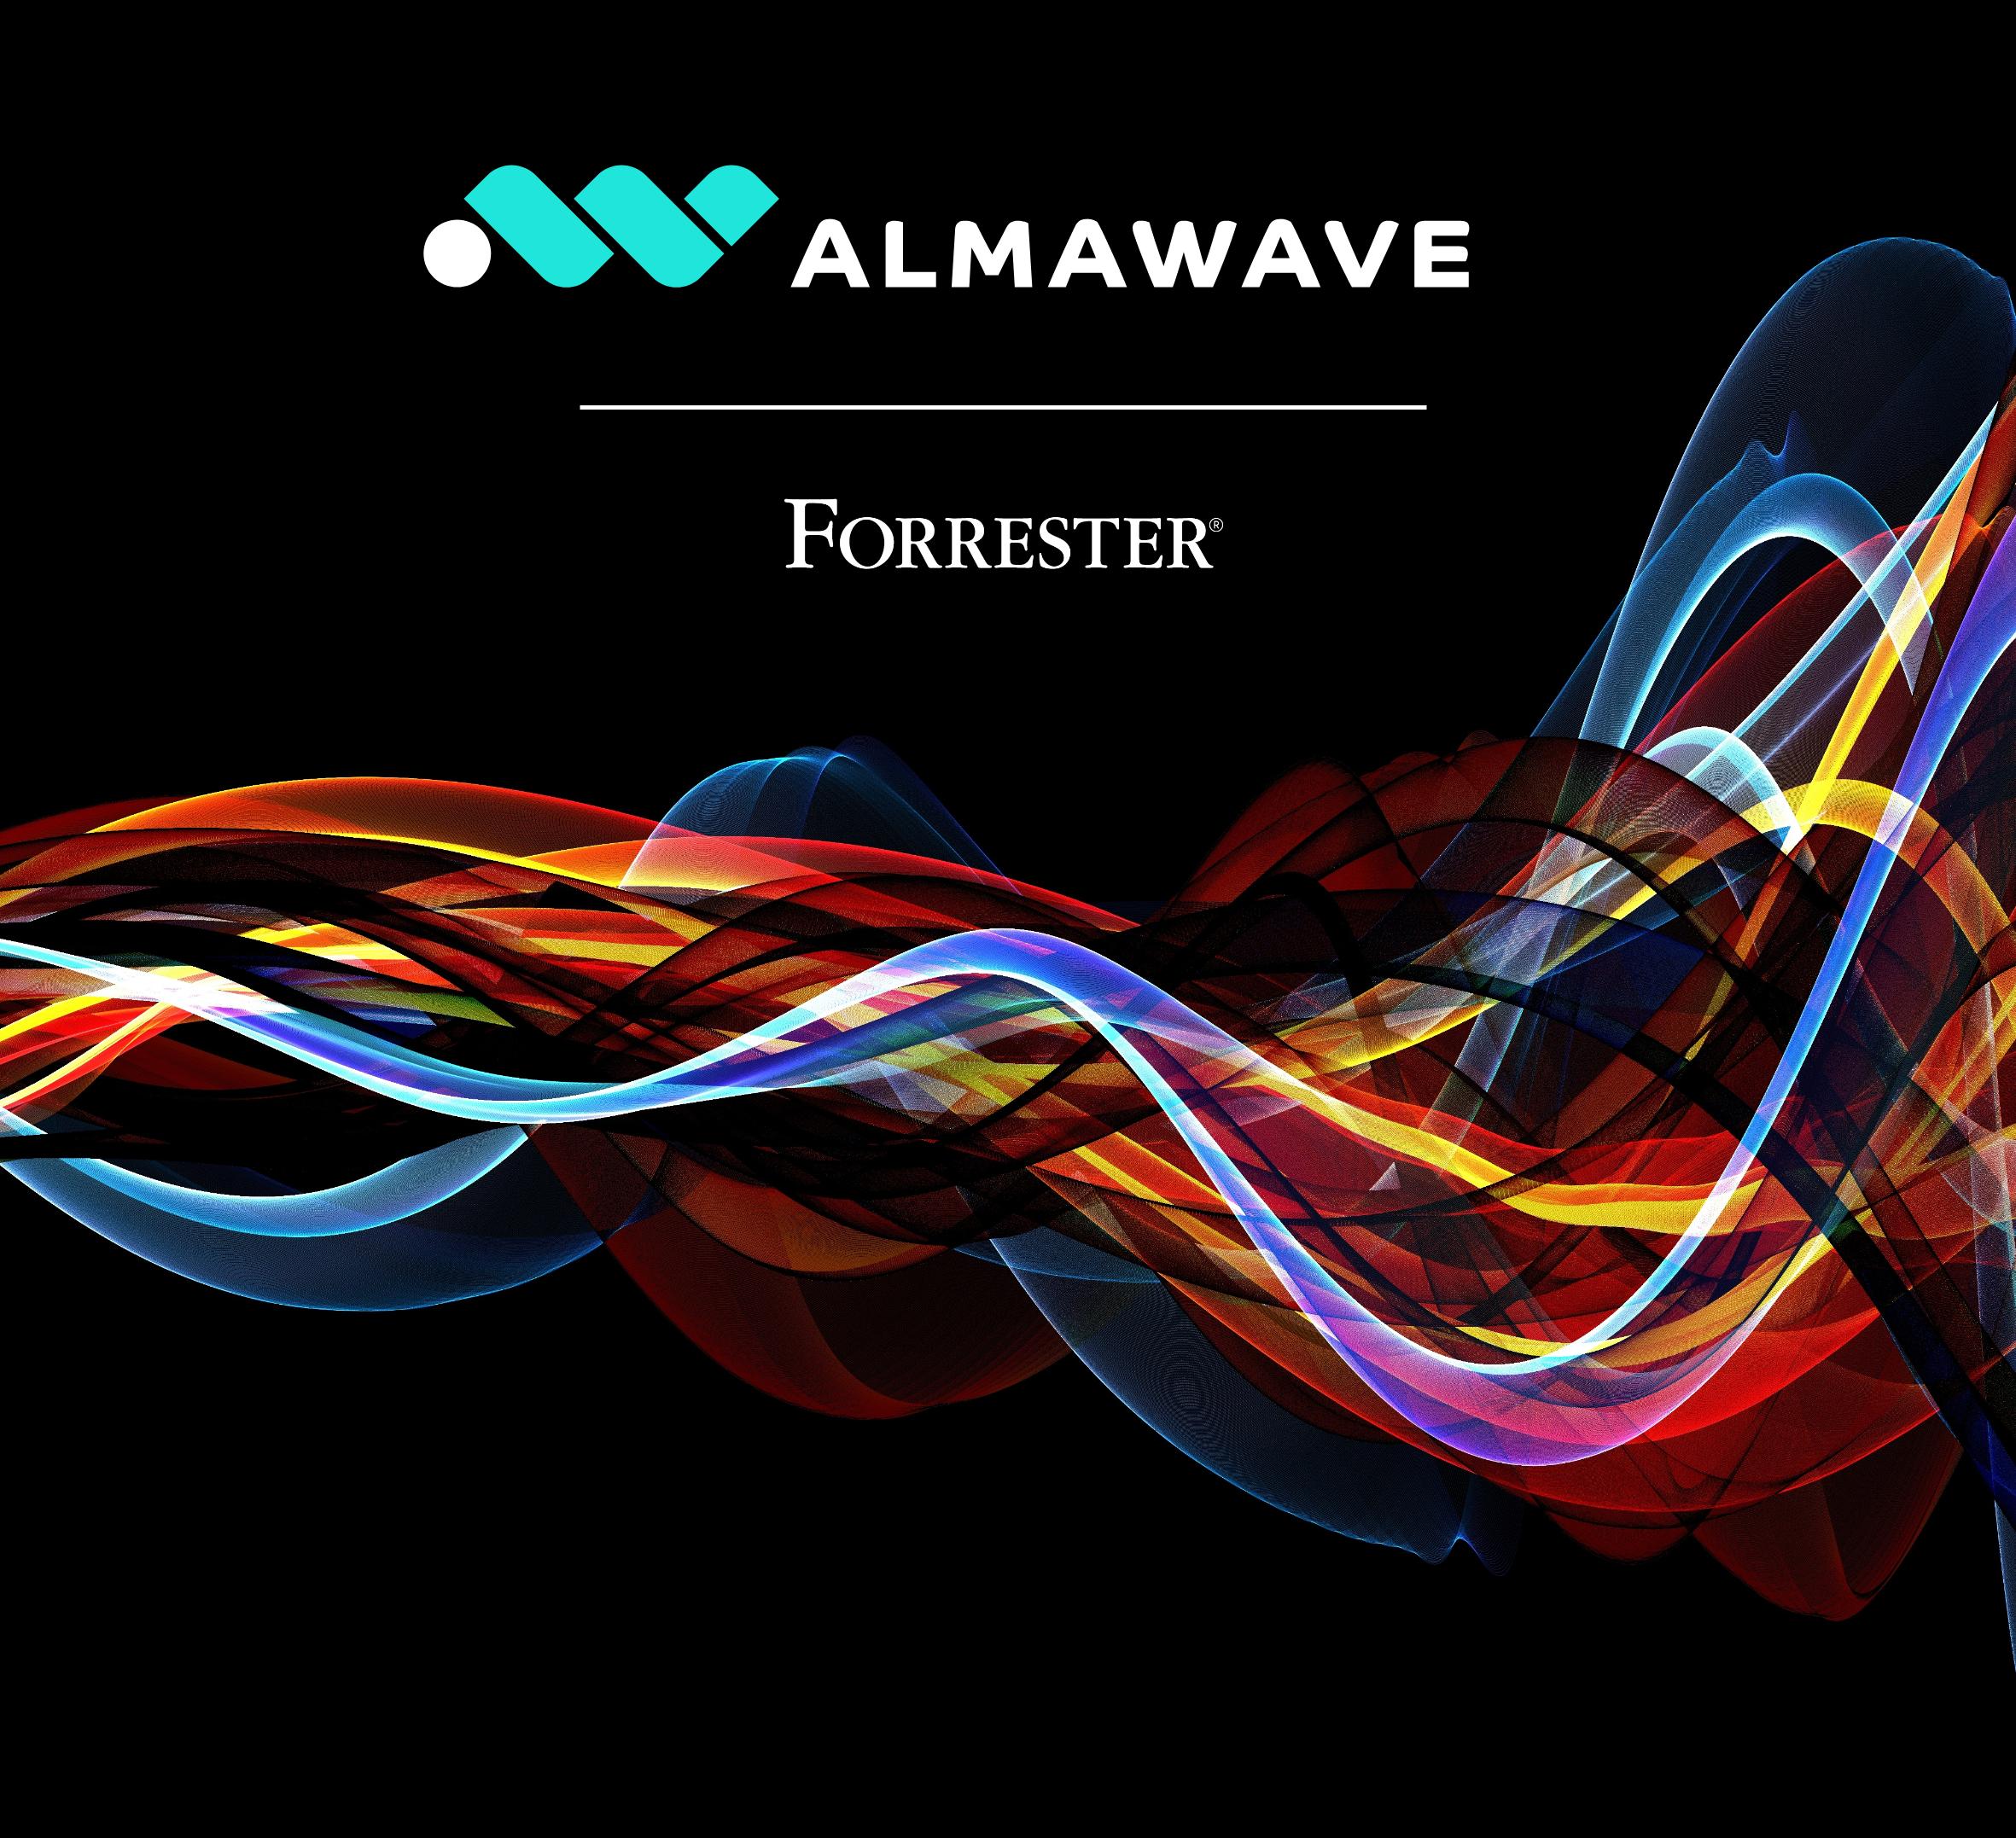 Almawave-Forrester